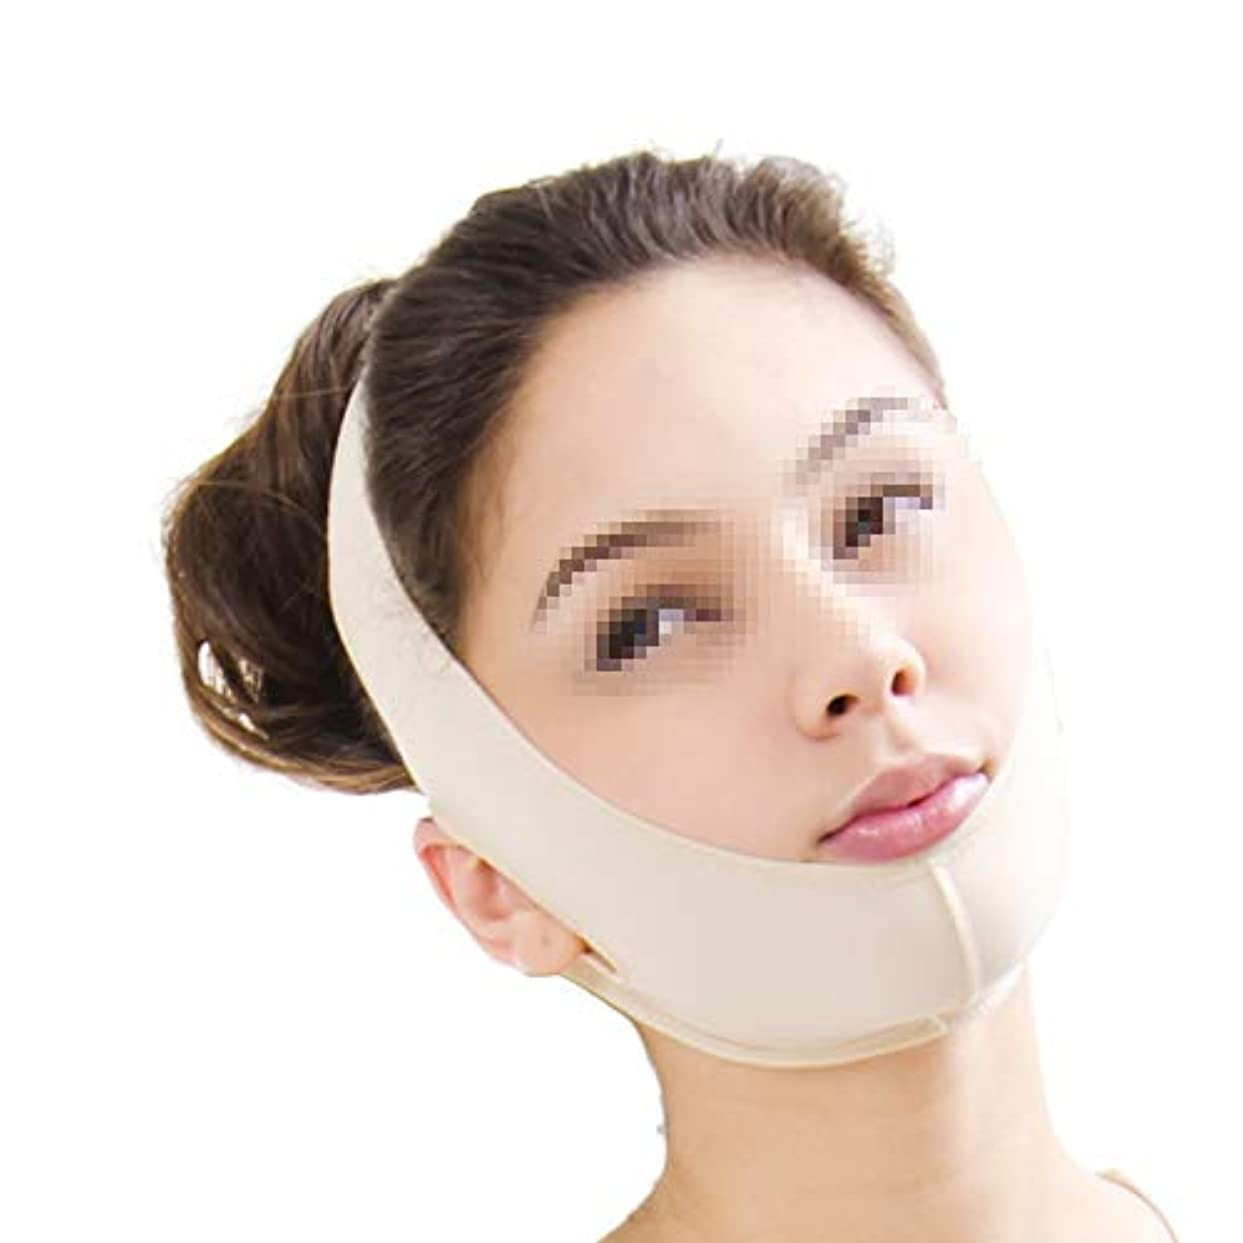 傷つける雄弁なアプライアンスXHLMRMJ フェイスリフトマスク、圧縮後の顎顔面二重あご化粧品脂肪吸引小さな顔包帯弾性ヘッドギア (Size : XL)